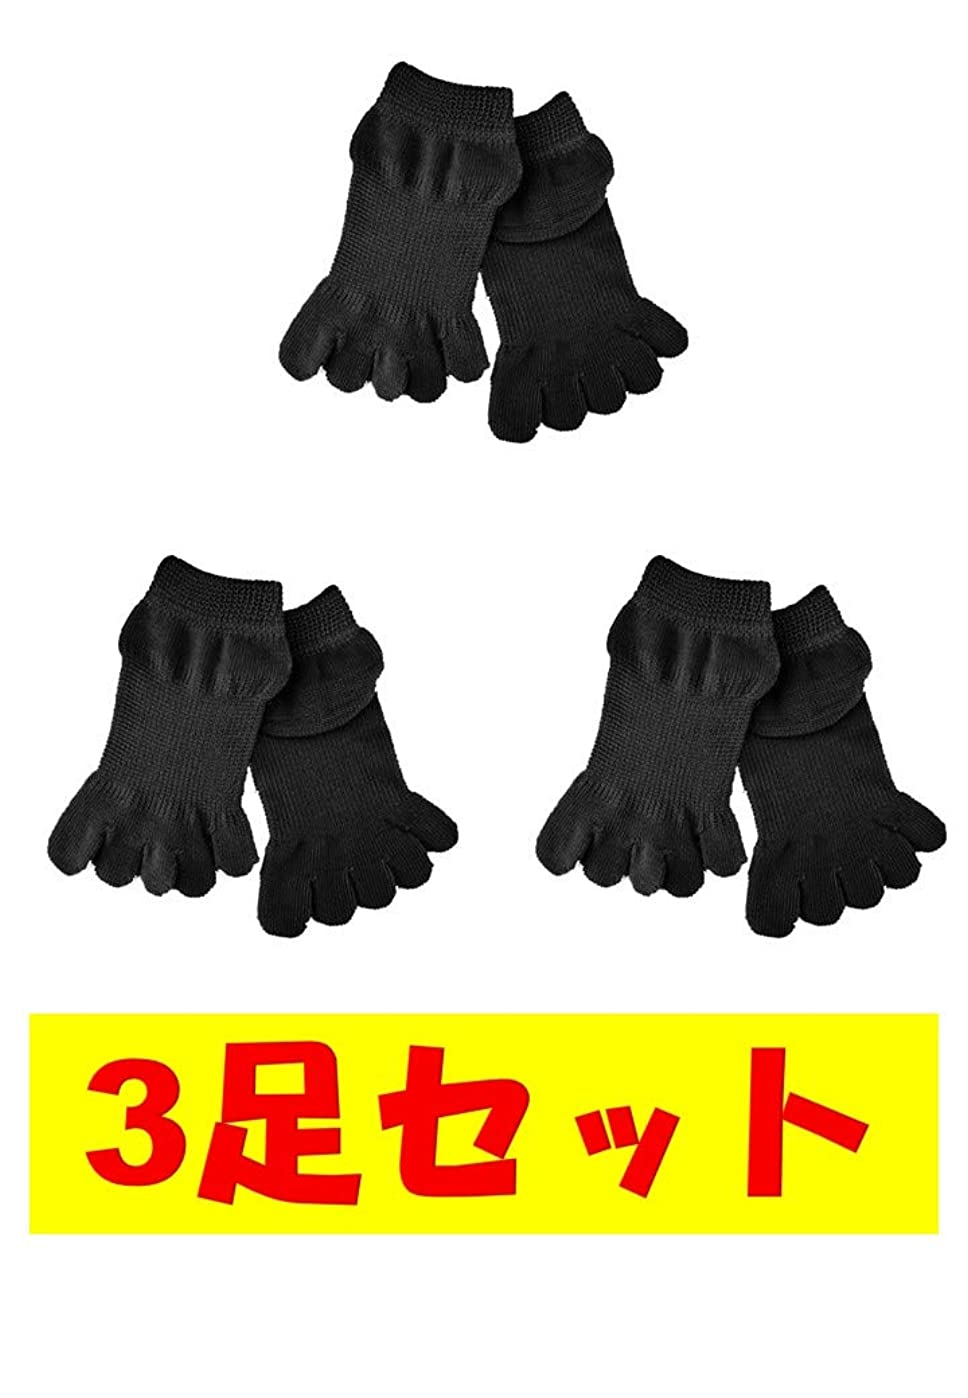 ルームれんが球状お買い得3足セット 5本指 ゆびのばソックス ゆびのば アンクル ブラック Mサイズ 25.0cm-27.5cm YSANKL-BLK